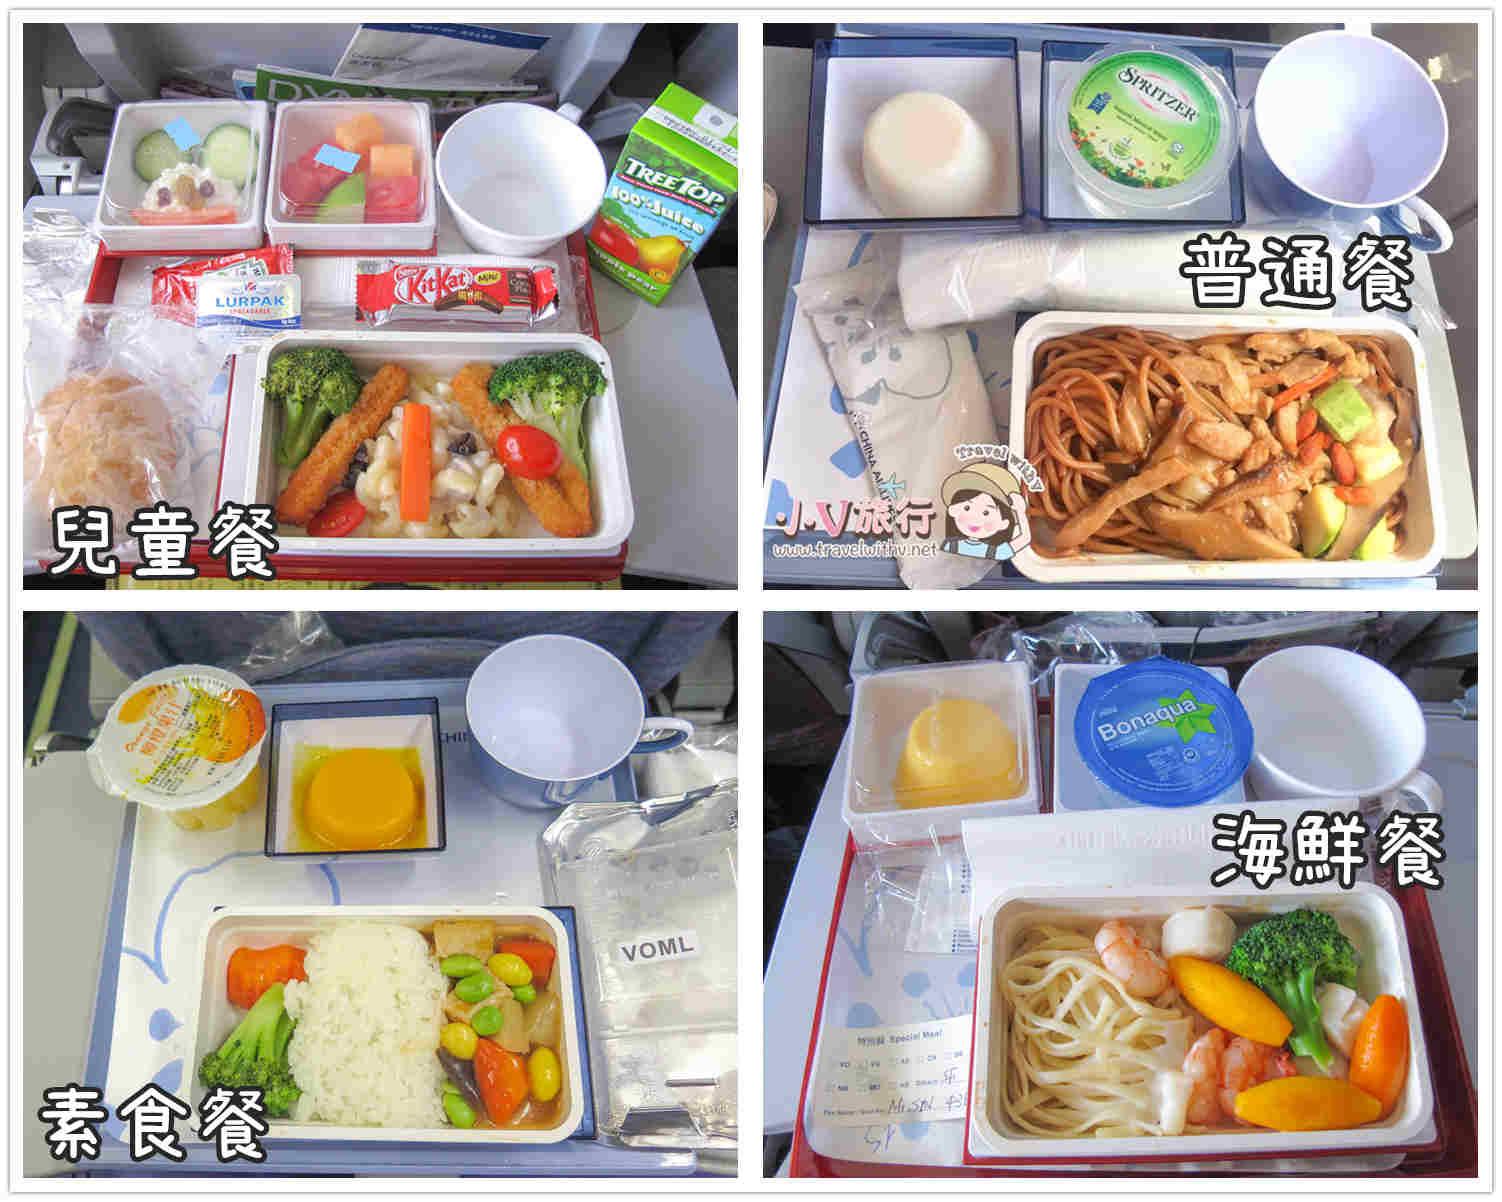 誰說兒童餐只給小朋友專享?【四間航空公司兒童餐大比拚!】